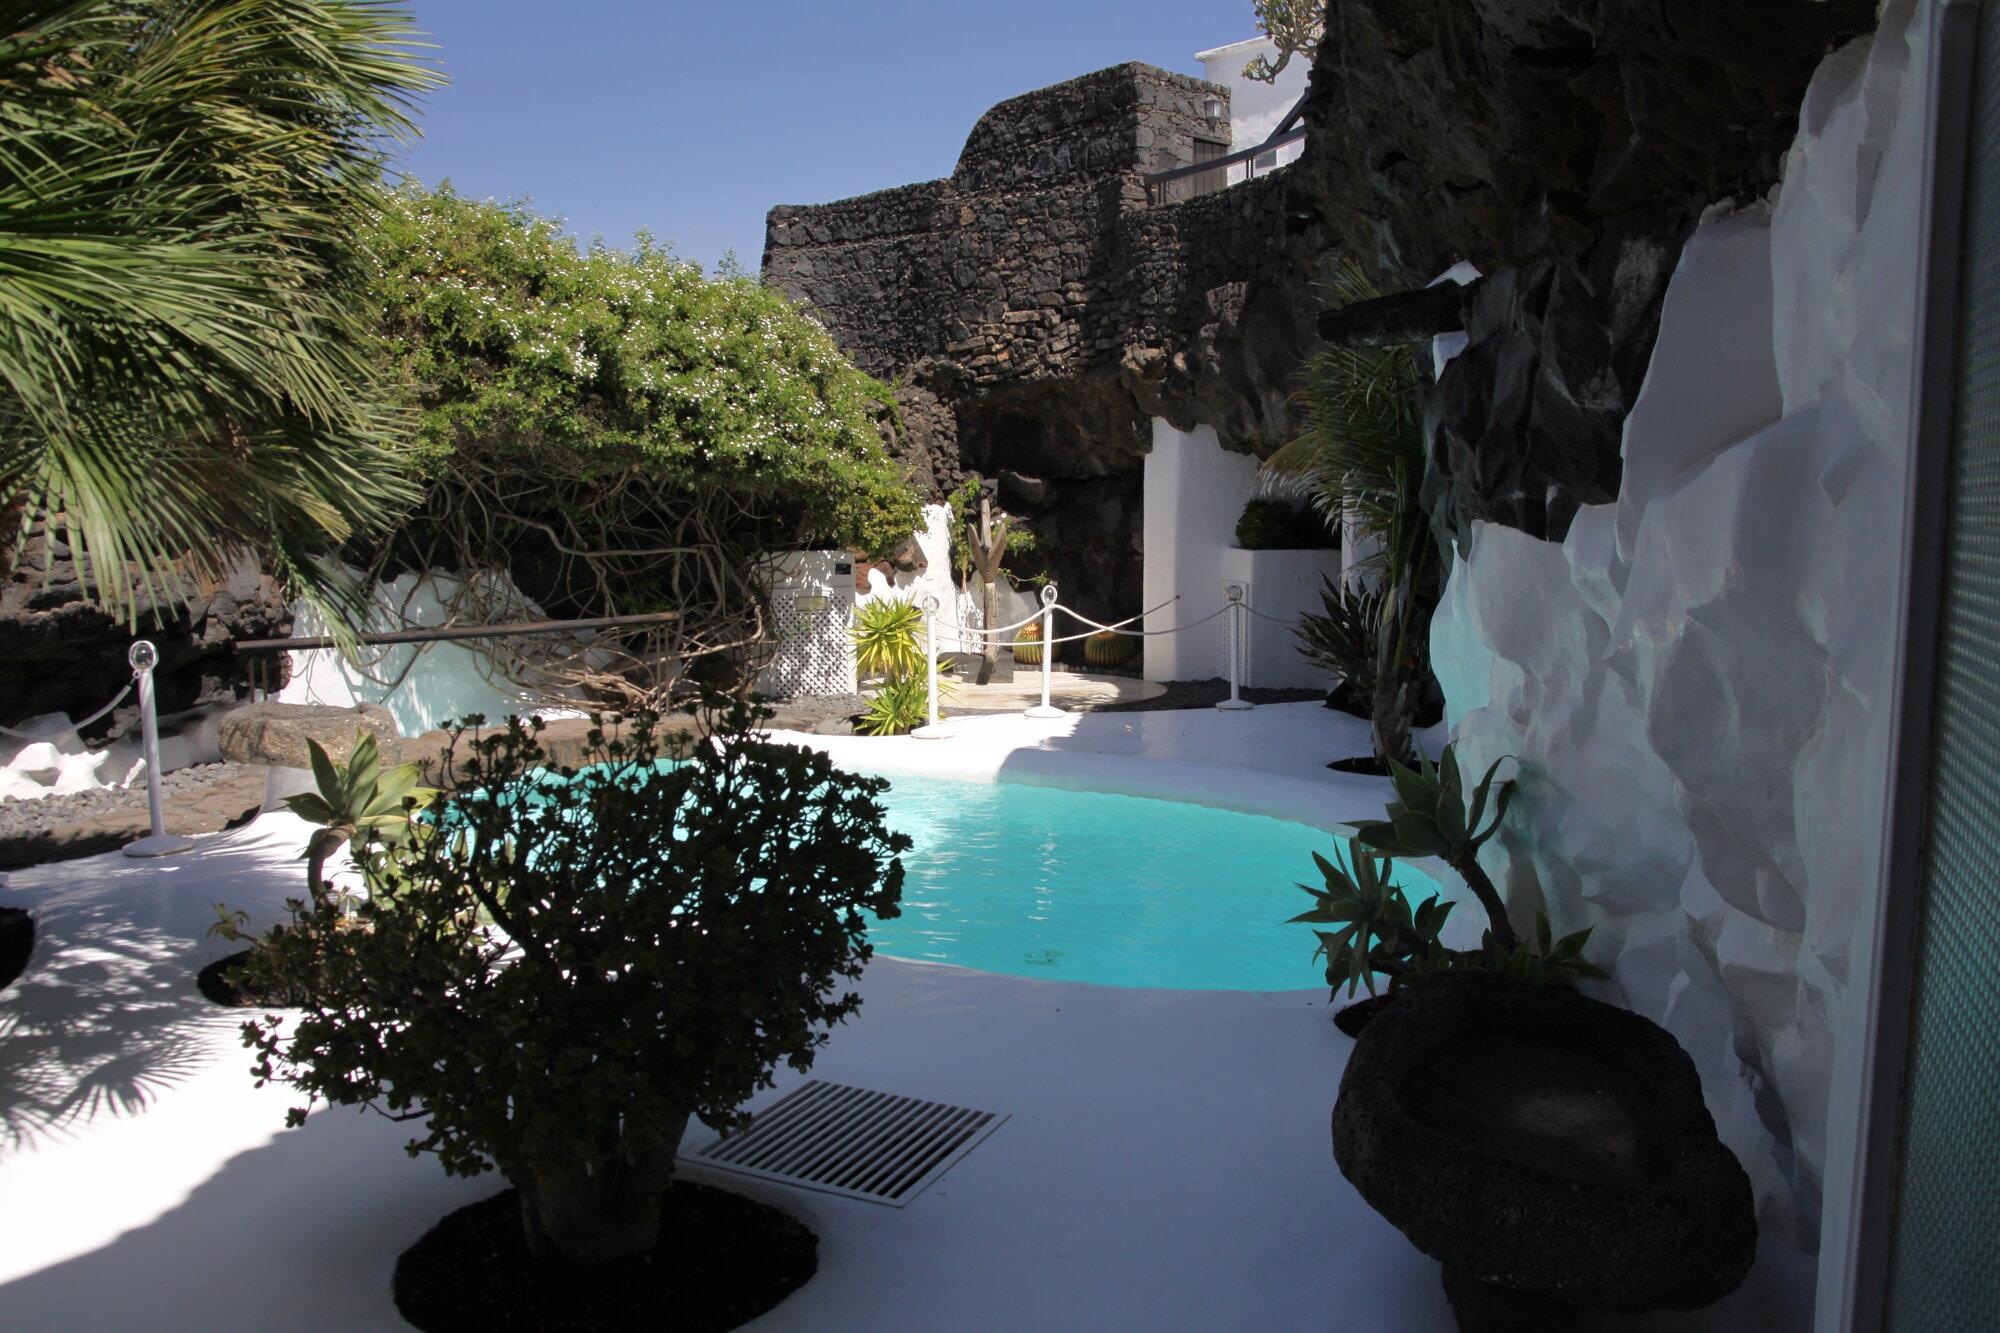 bazén v domě Manriqua